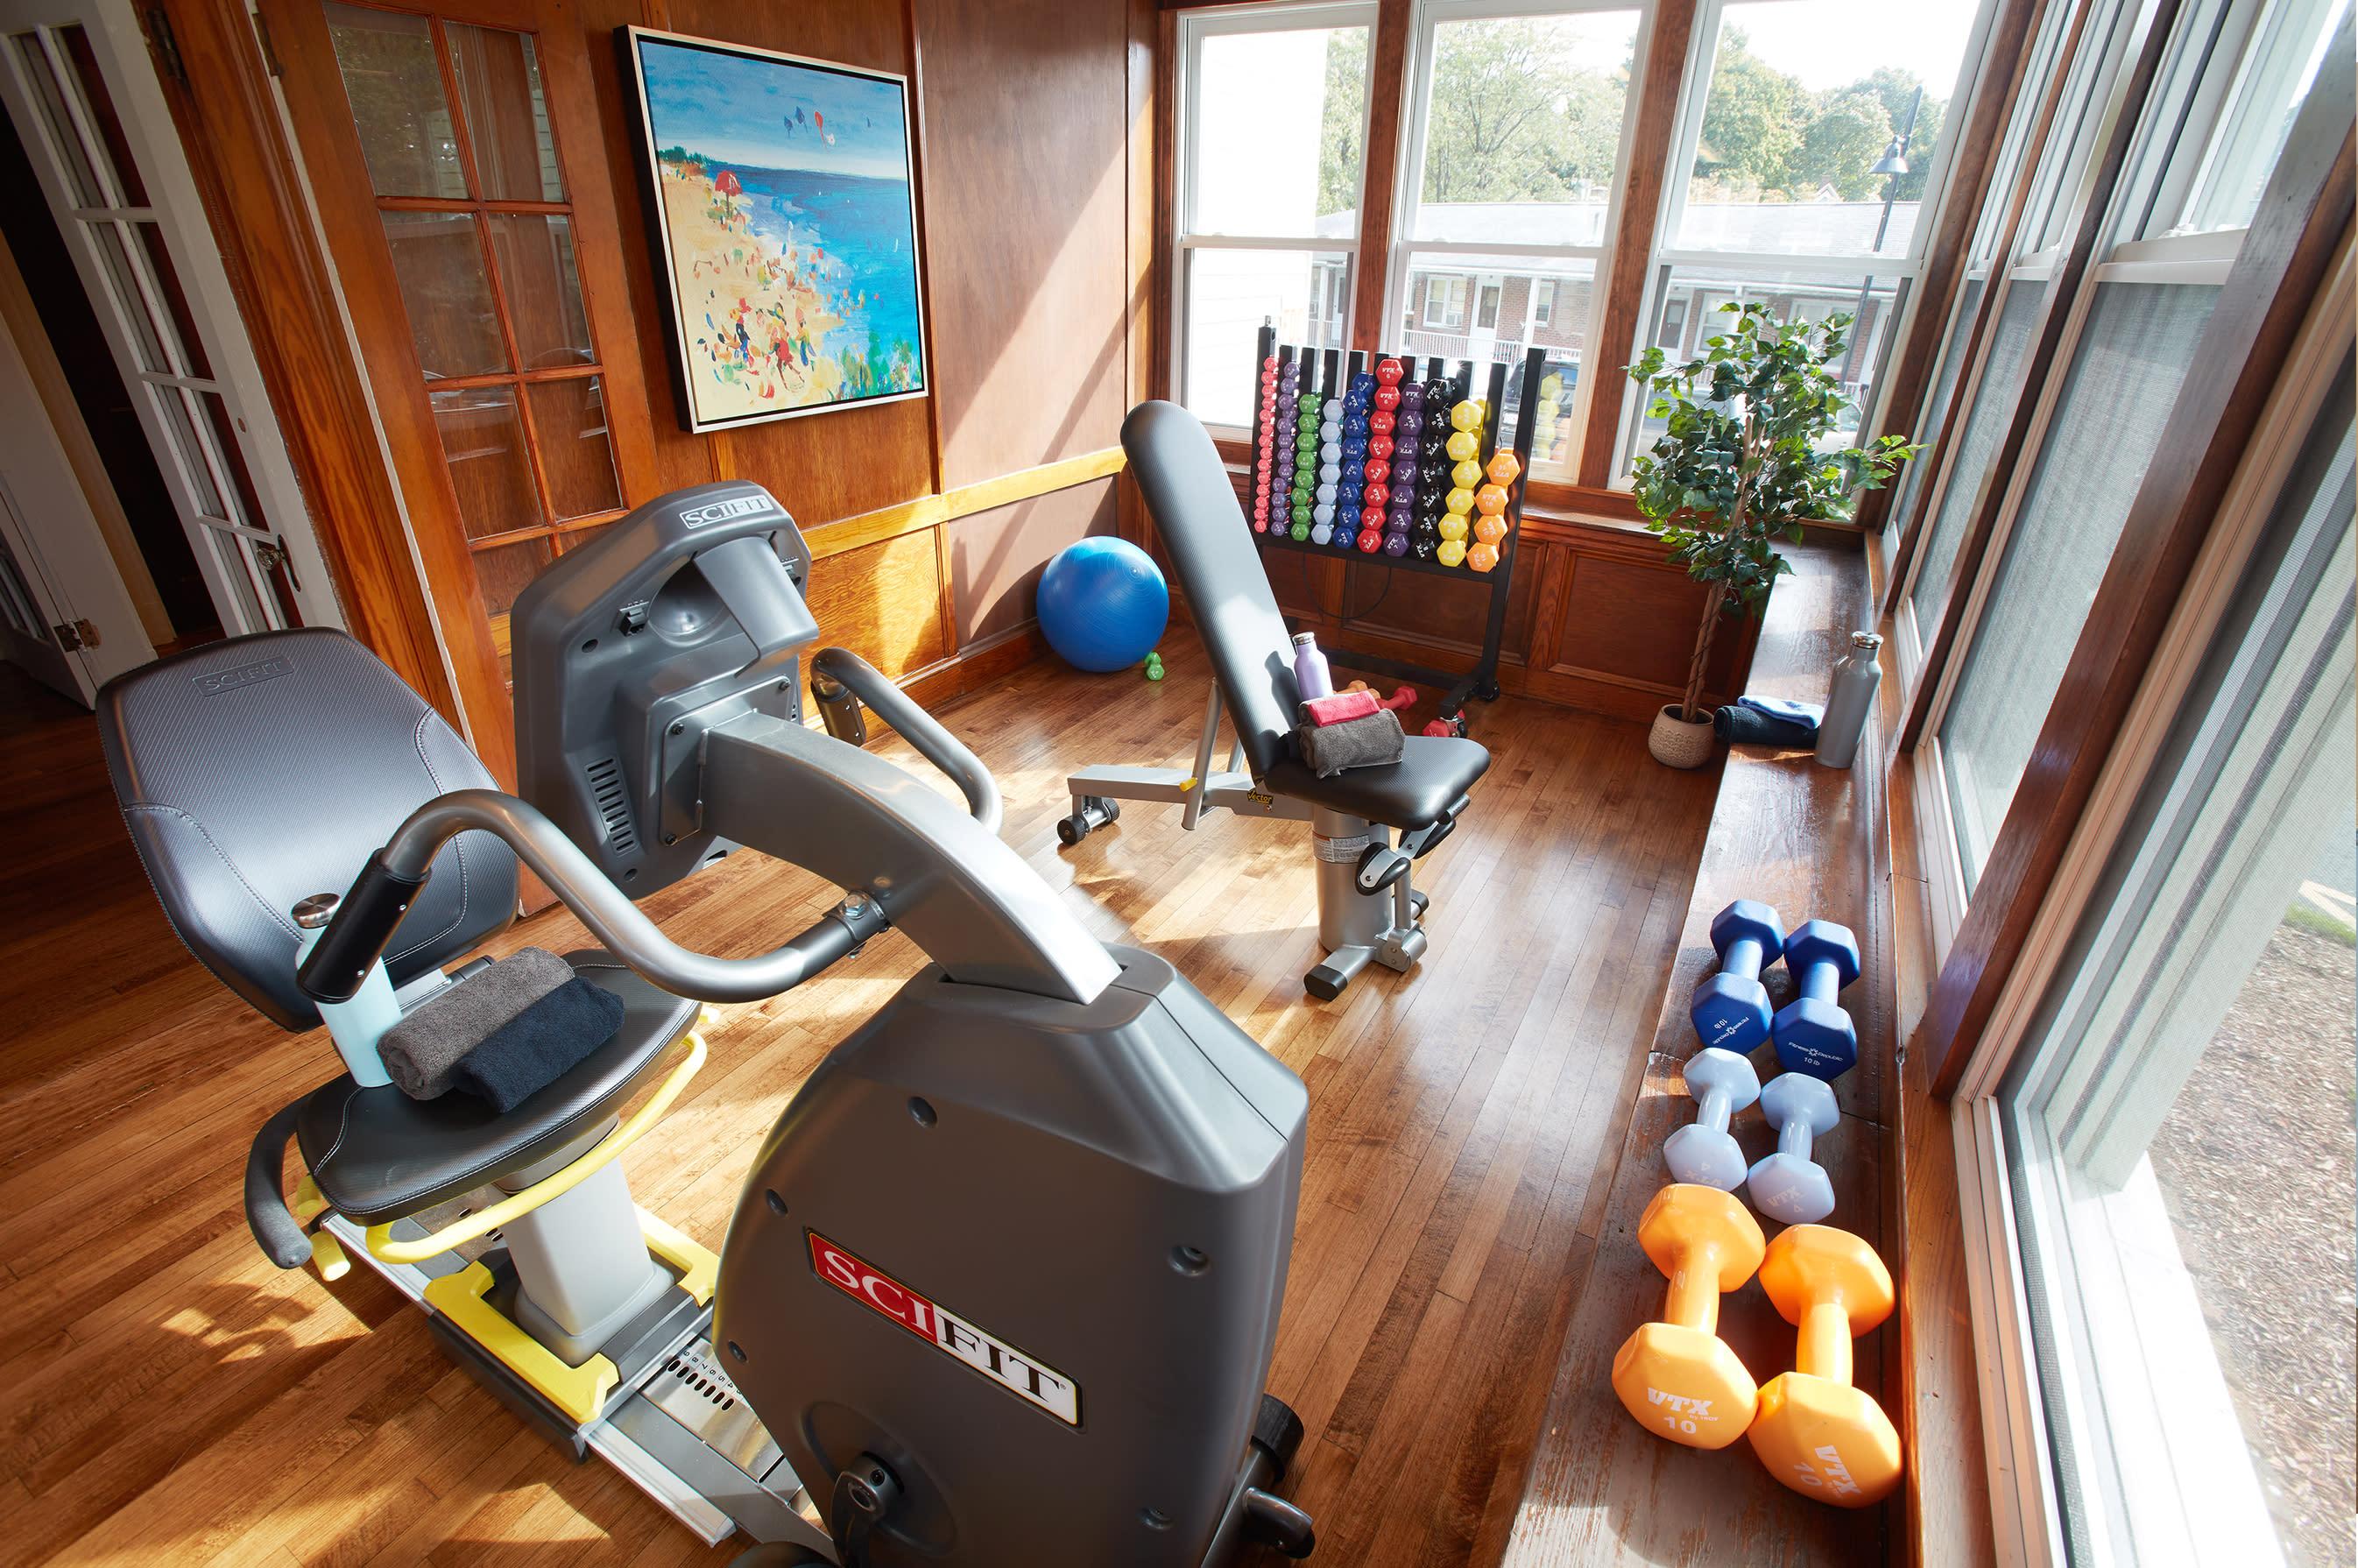 Forestdale Park fitness